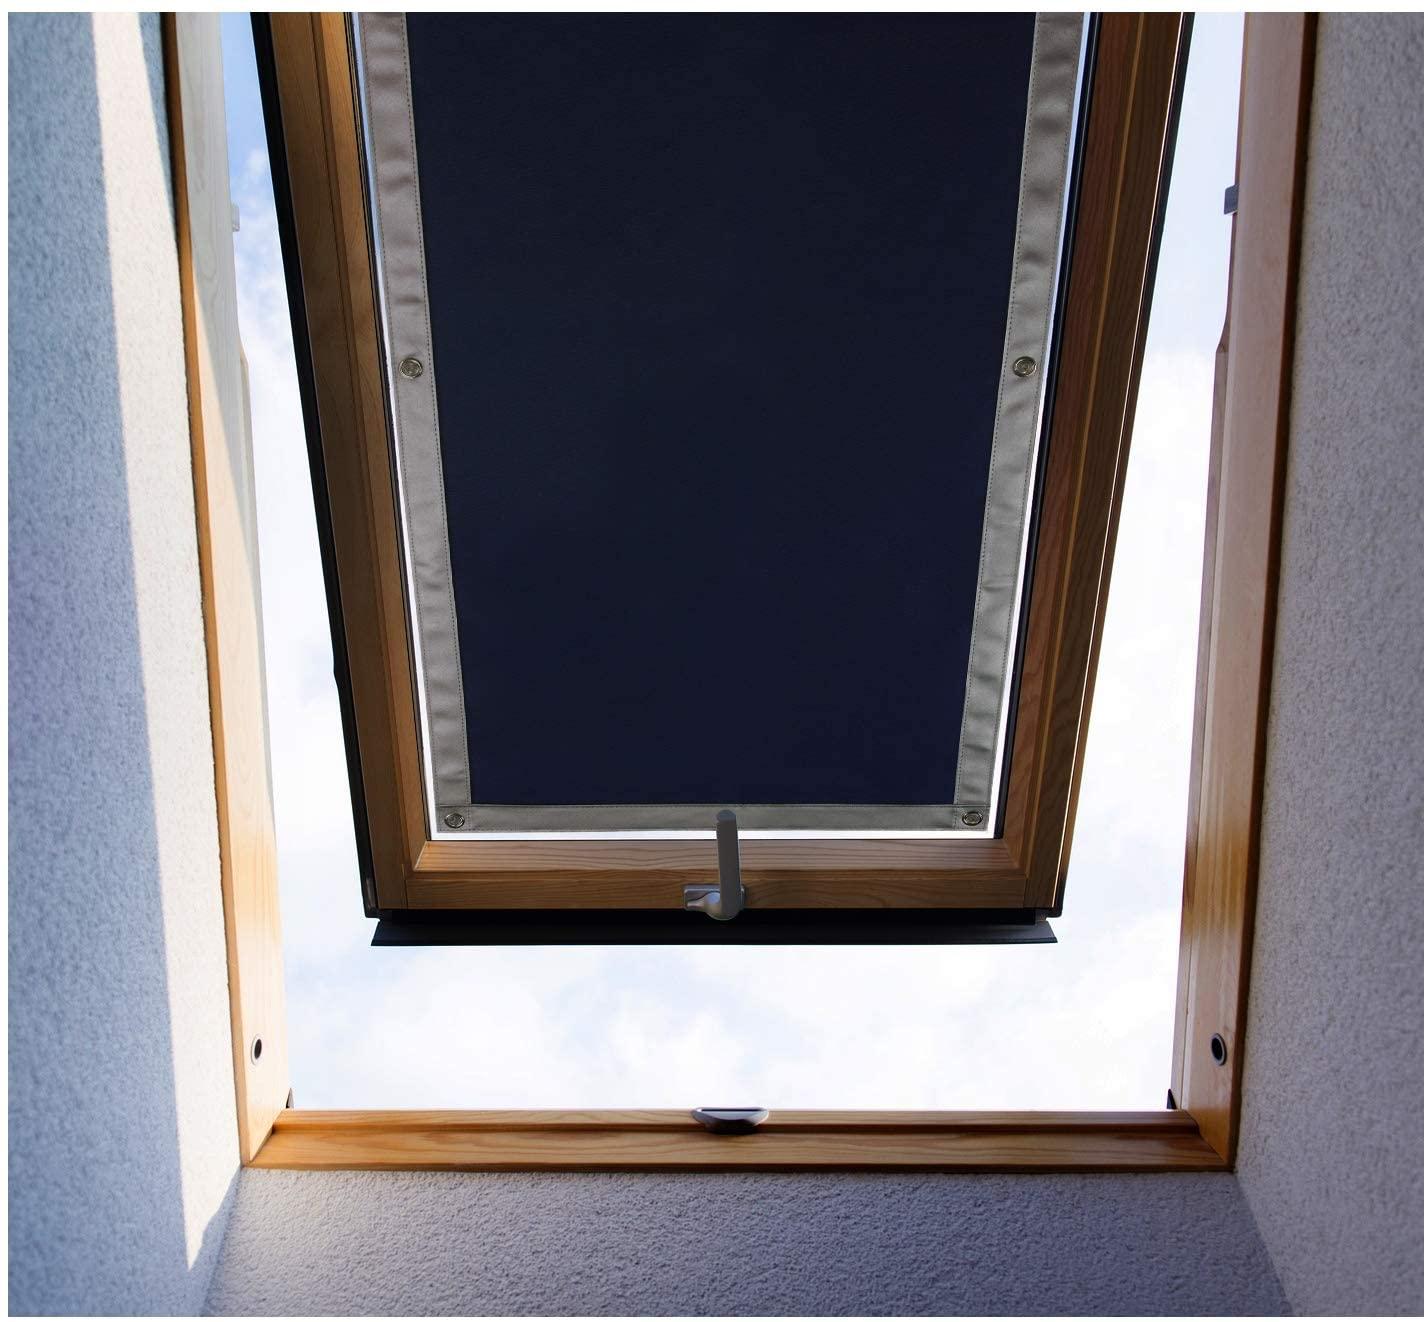 Purovi® Tenda Oscurante Termica per LUCERNARI | Protegge dal Calore | Varie Misure | 48 x 120 cm - Compatibile con finestre VELUX FK08